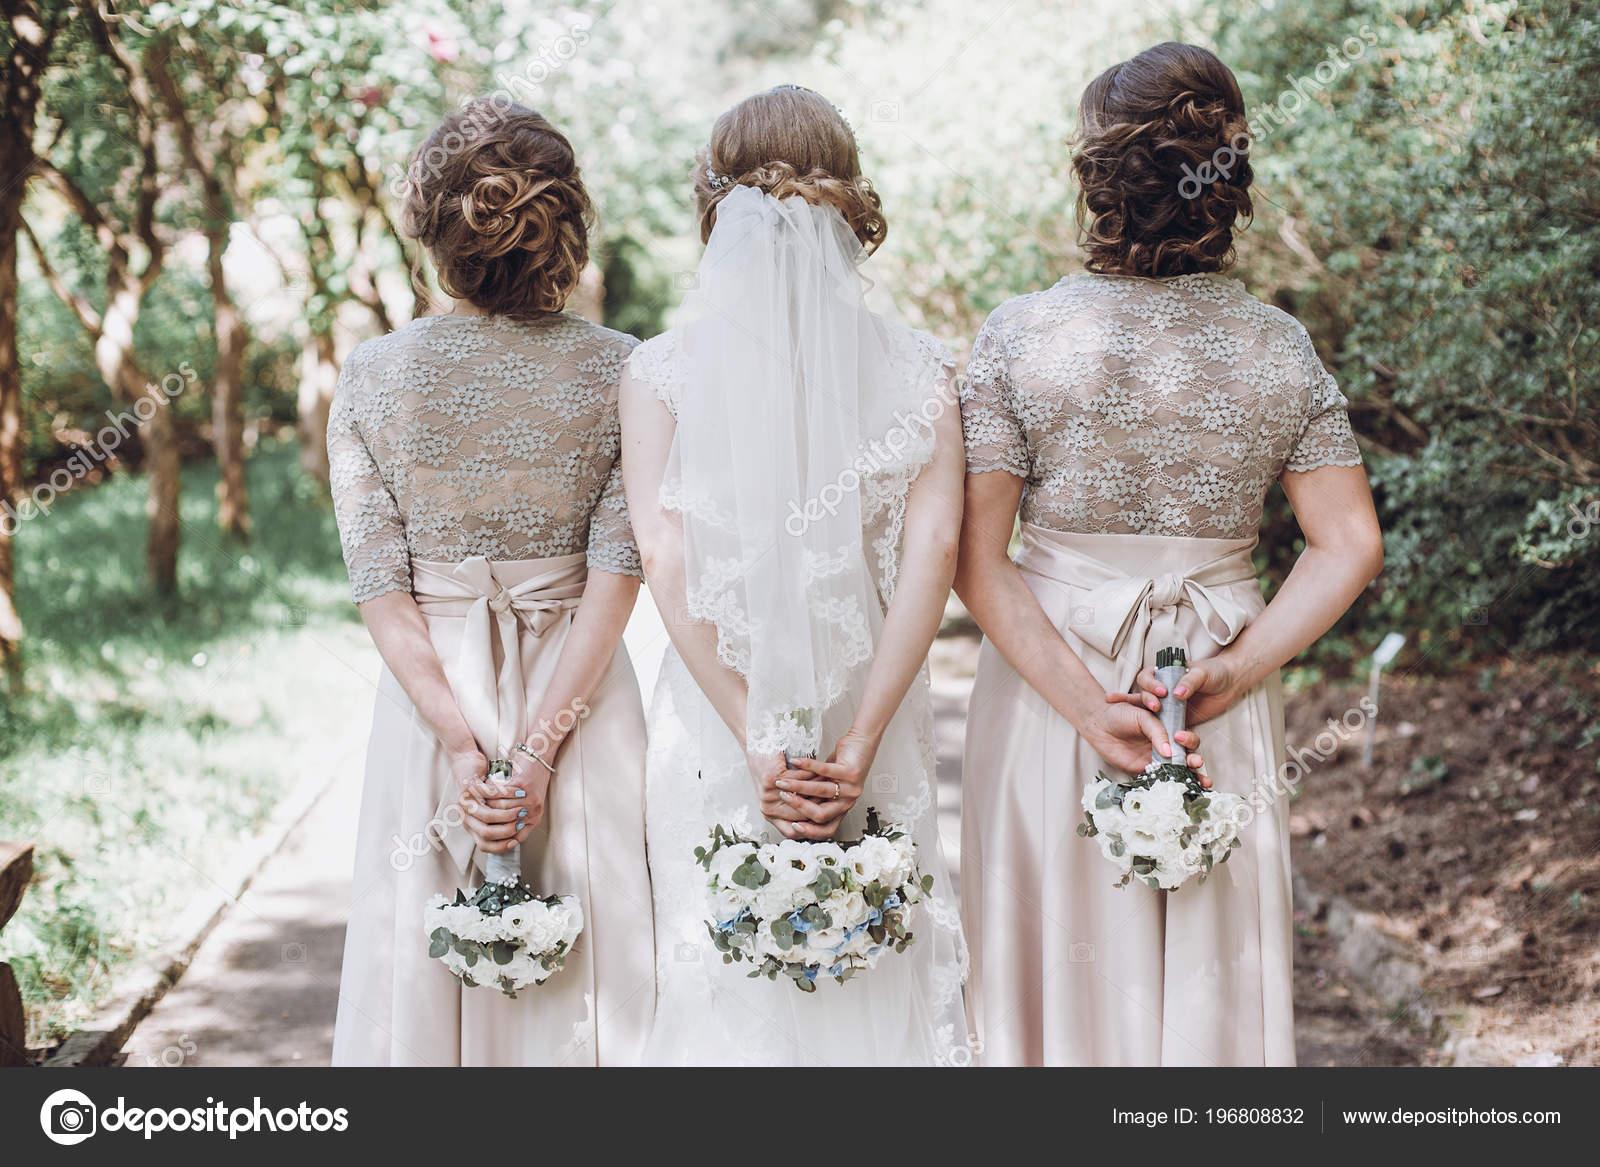 Bride Bridesmaids Posing Holding Bouquets Back Happy Wedding Bride